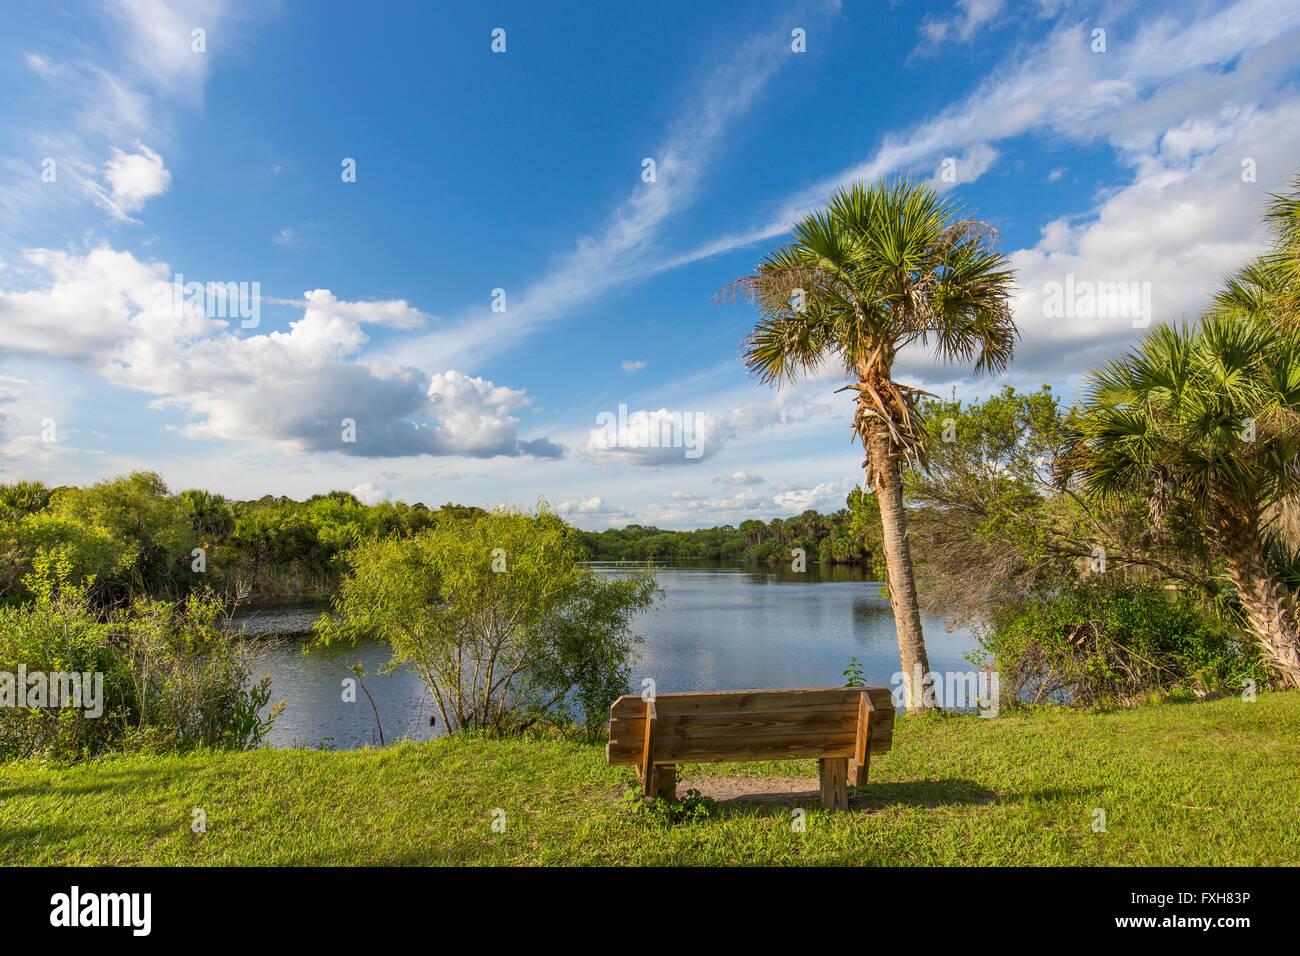 Vistas al mar de la banqueta en Deer Creek en la Pradera Pradera Deer Creek Preserve en Venecia Florida Foto de stock